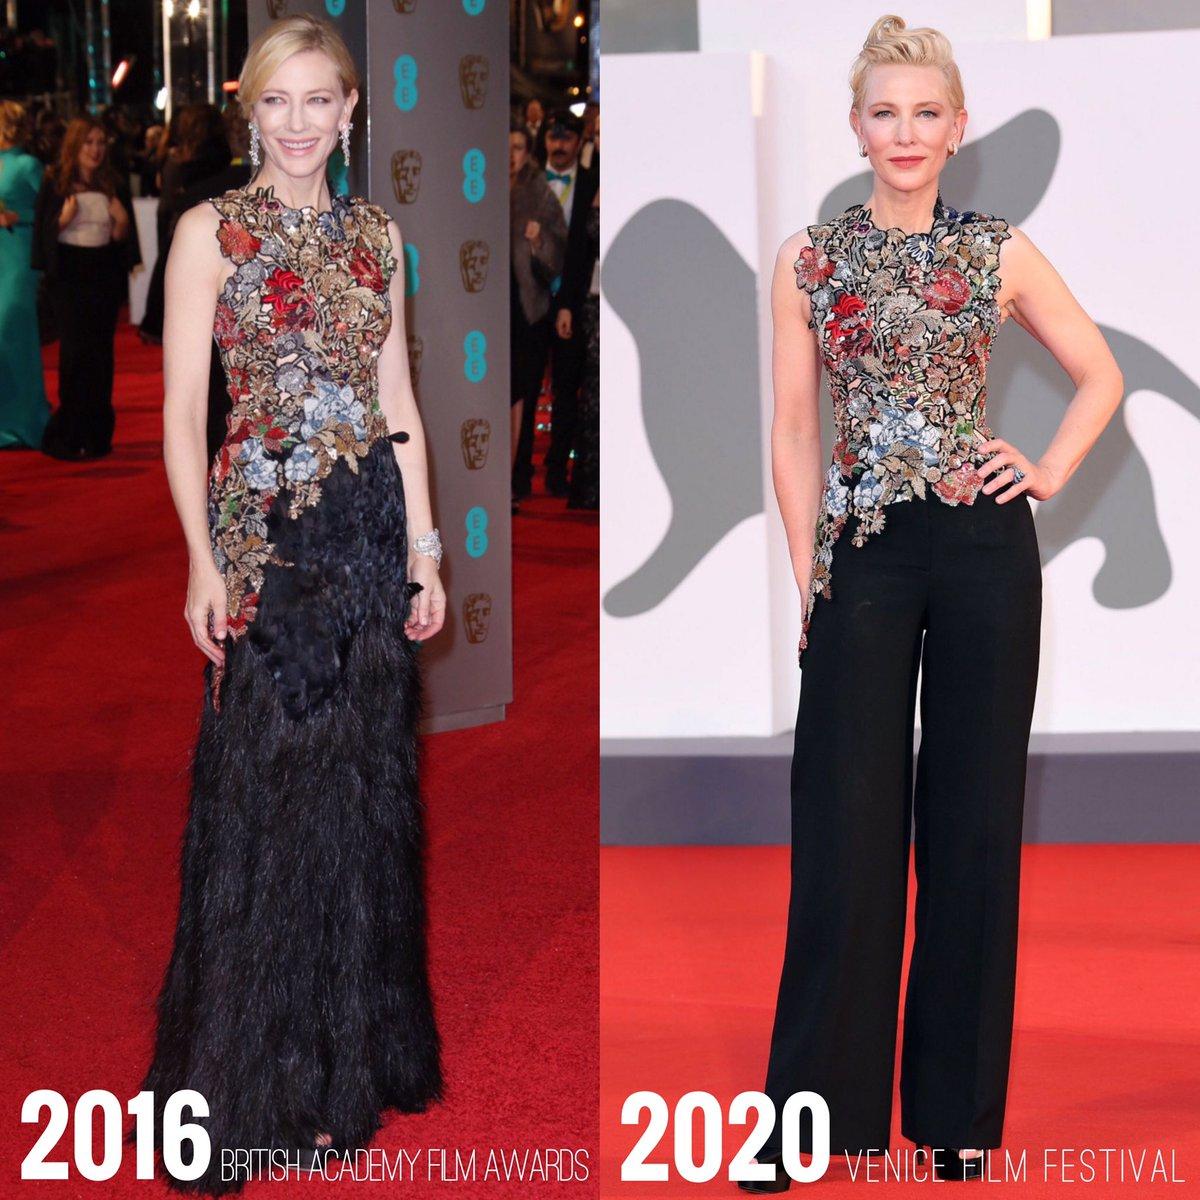 同じドレスは2度と着ない!?そんな固定観念を吹き飛ばし同じドレスを着るケイト・ブランシェット!